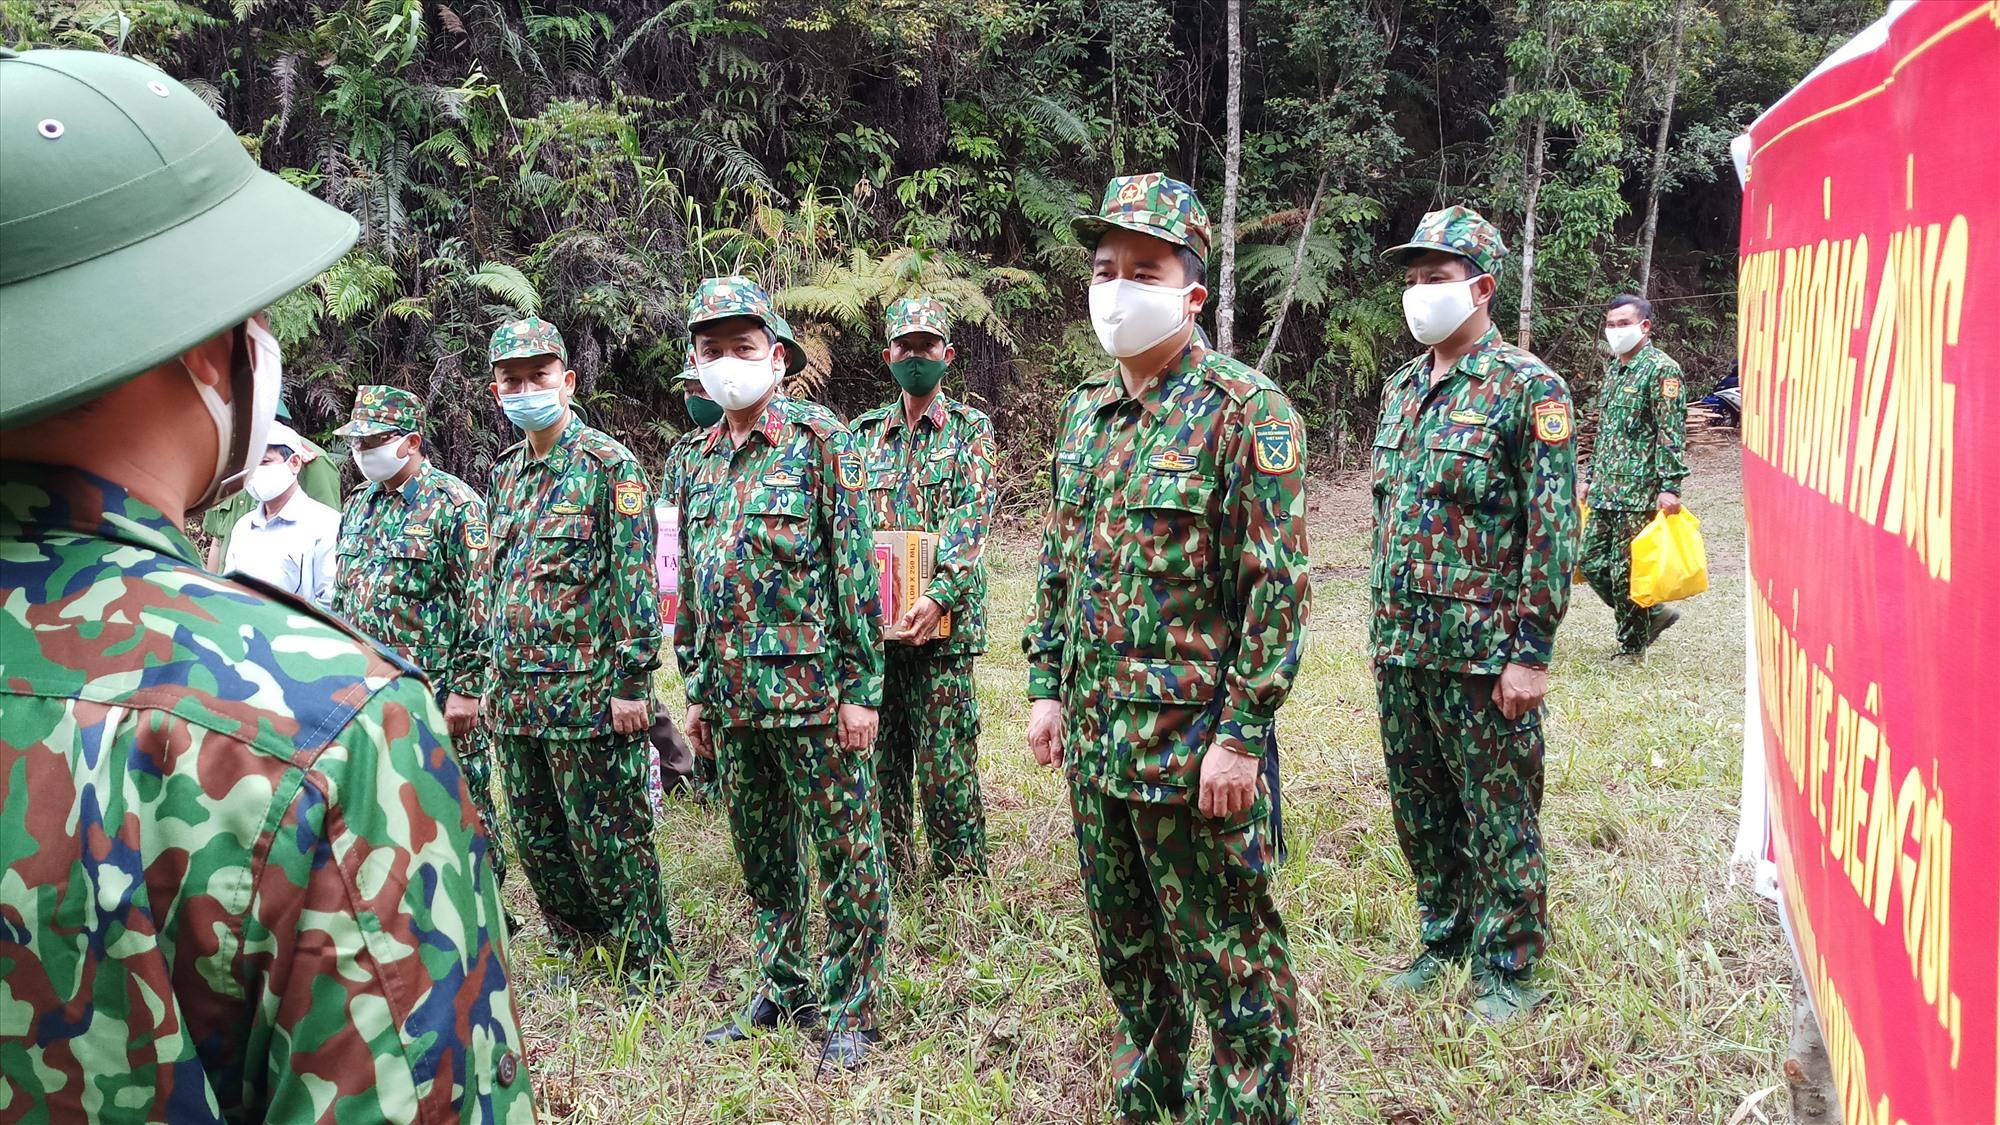 Phó Chủ tịch UBND tỉnh Trần Văn Tân chia sẻ, động viên các chiến sĩ tại chốt kiểm soát. Ảnh: A.N